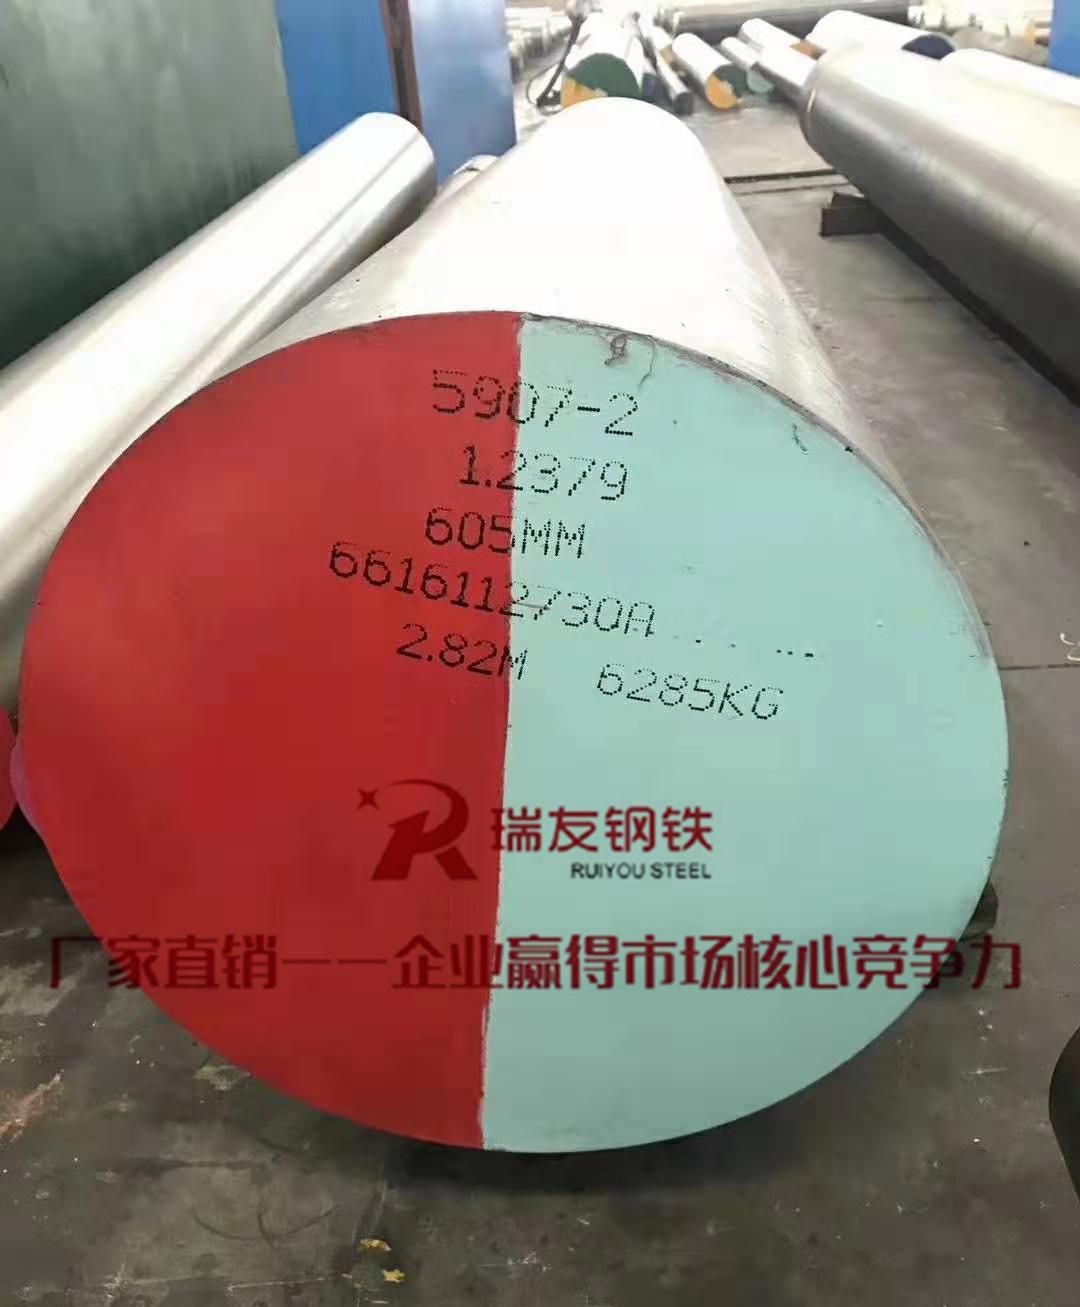 2379铣光圆钢-苏州瑞友钢铁有限公司